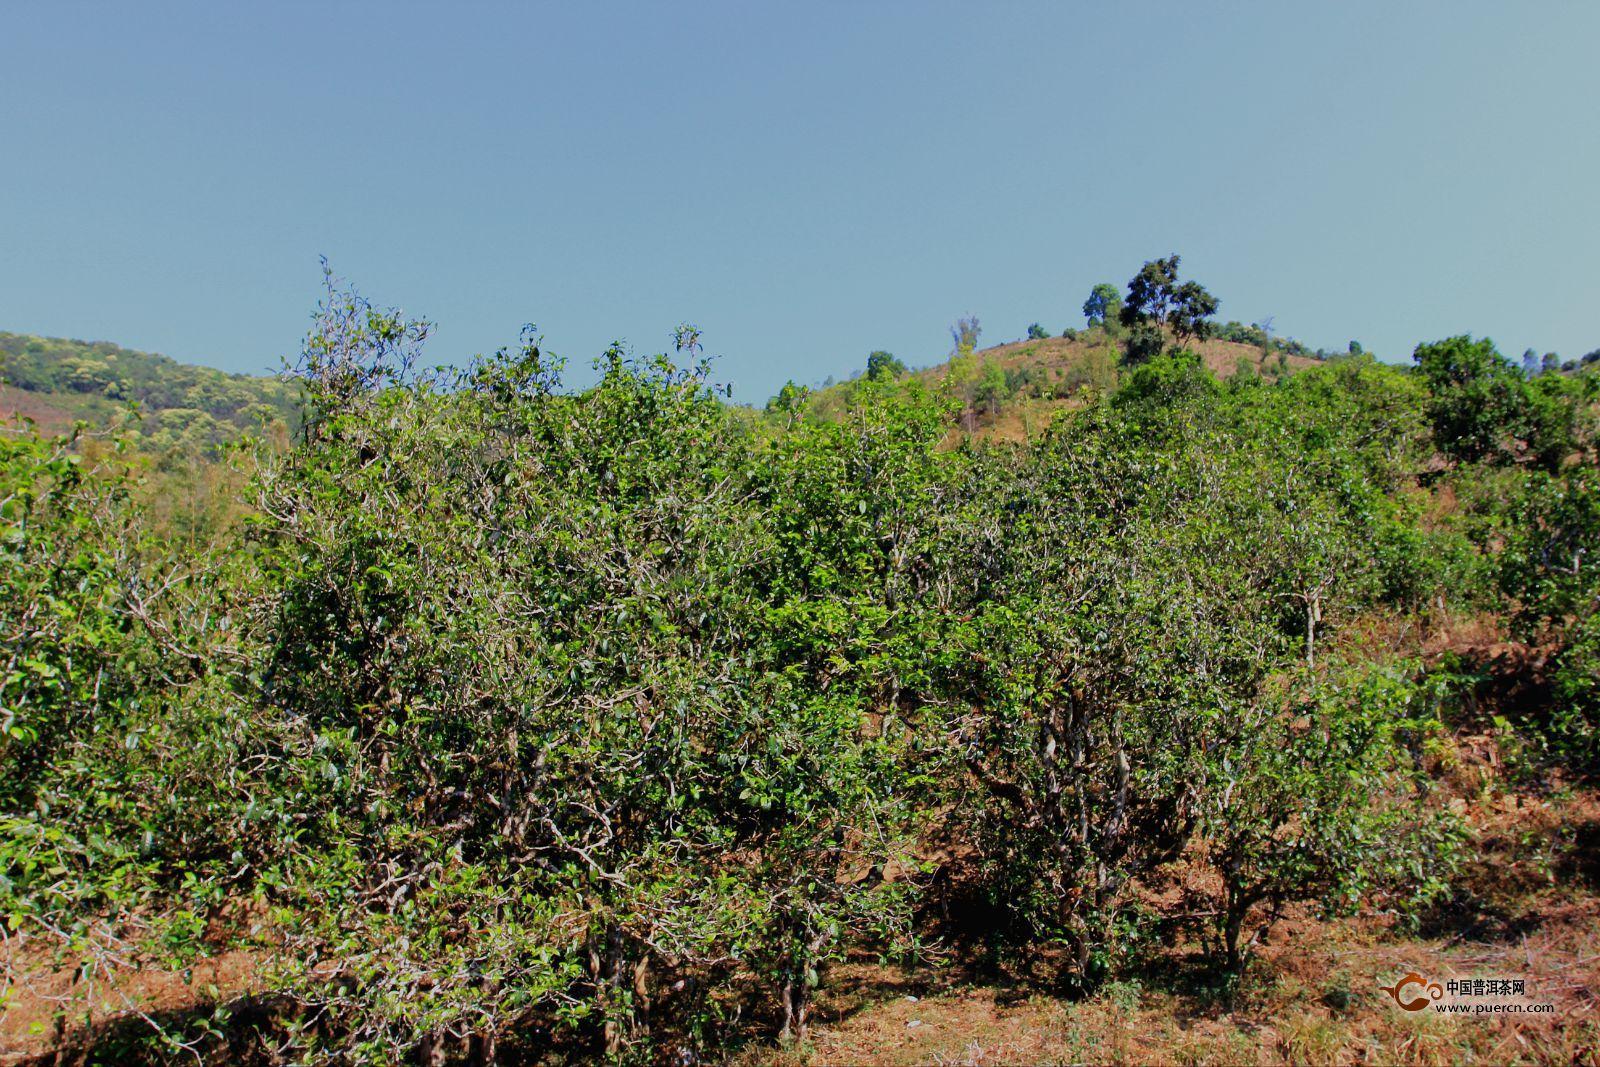 云南的原始物种的茶树可分为三个代级